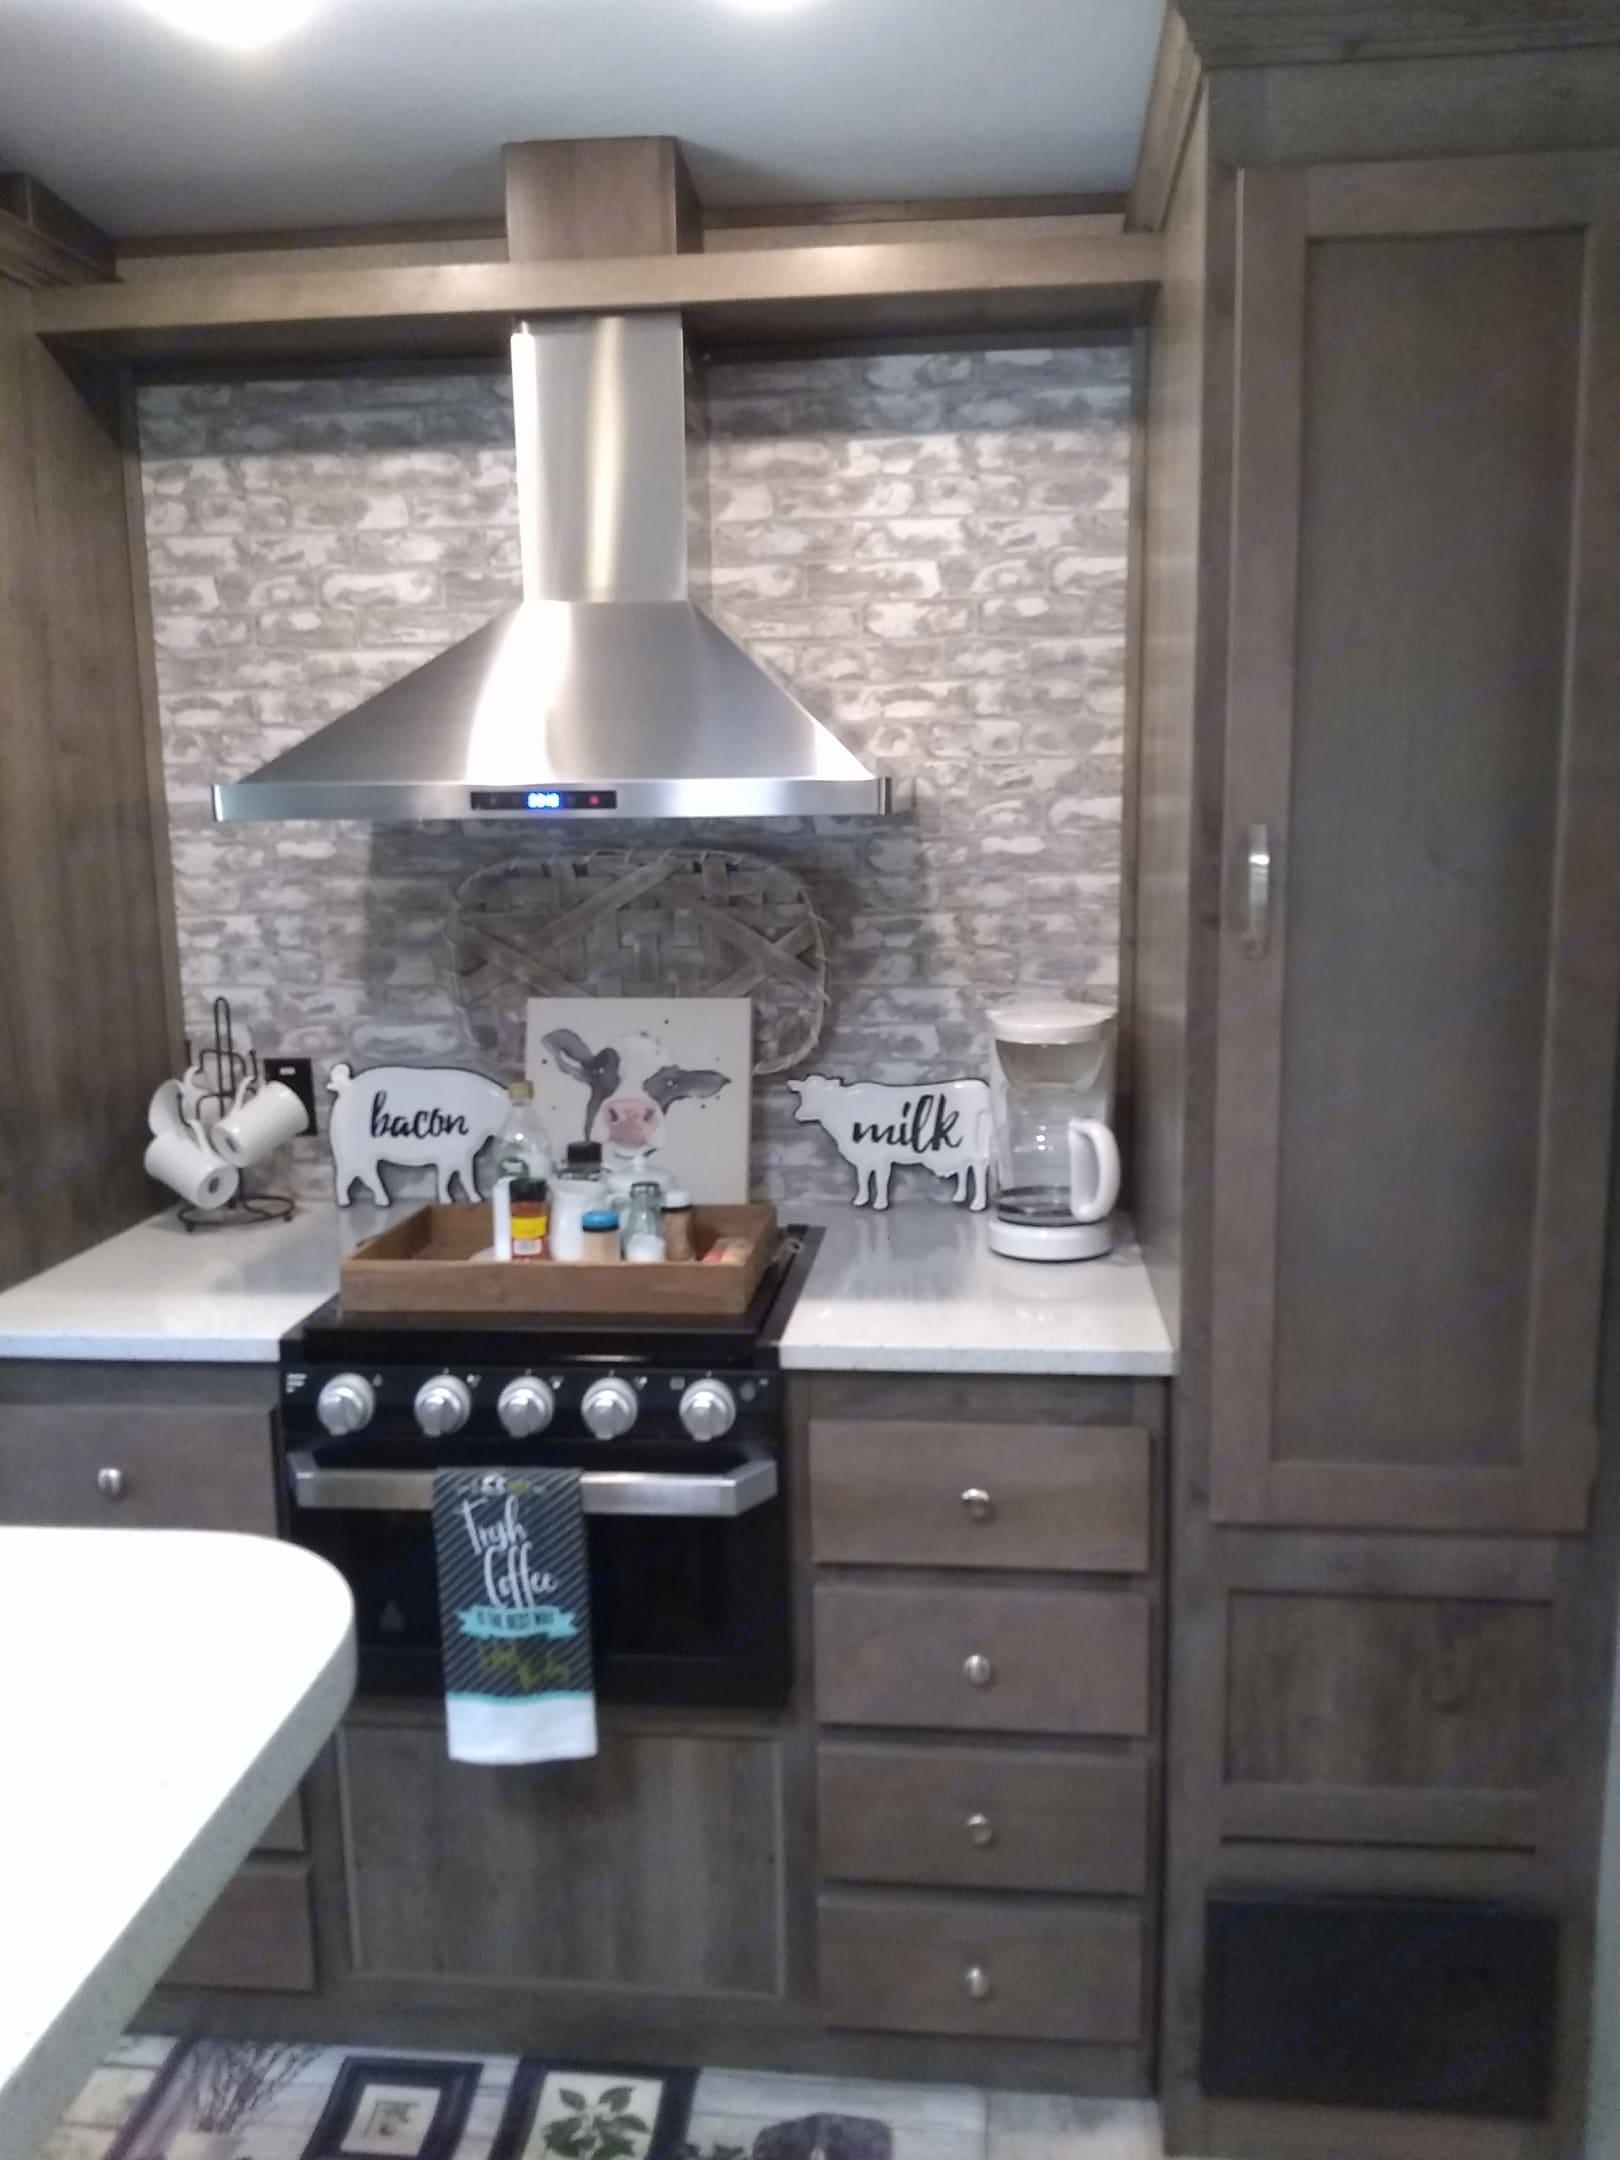 Farmhouse kitchen and pantry. Keystone Sprinter 2019